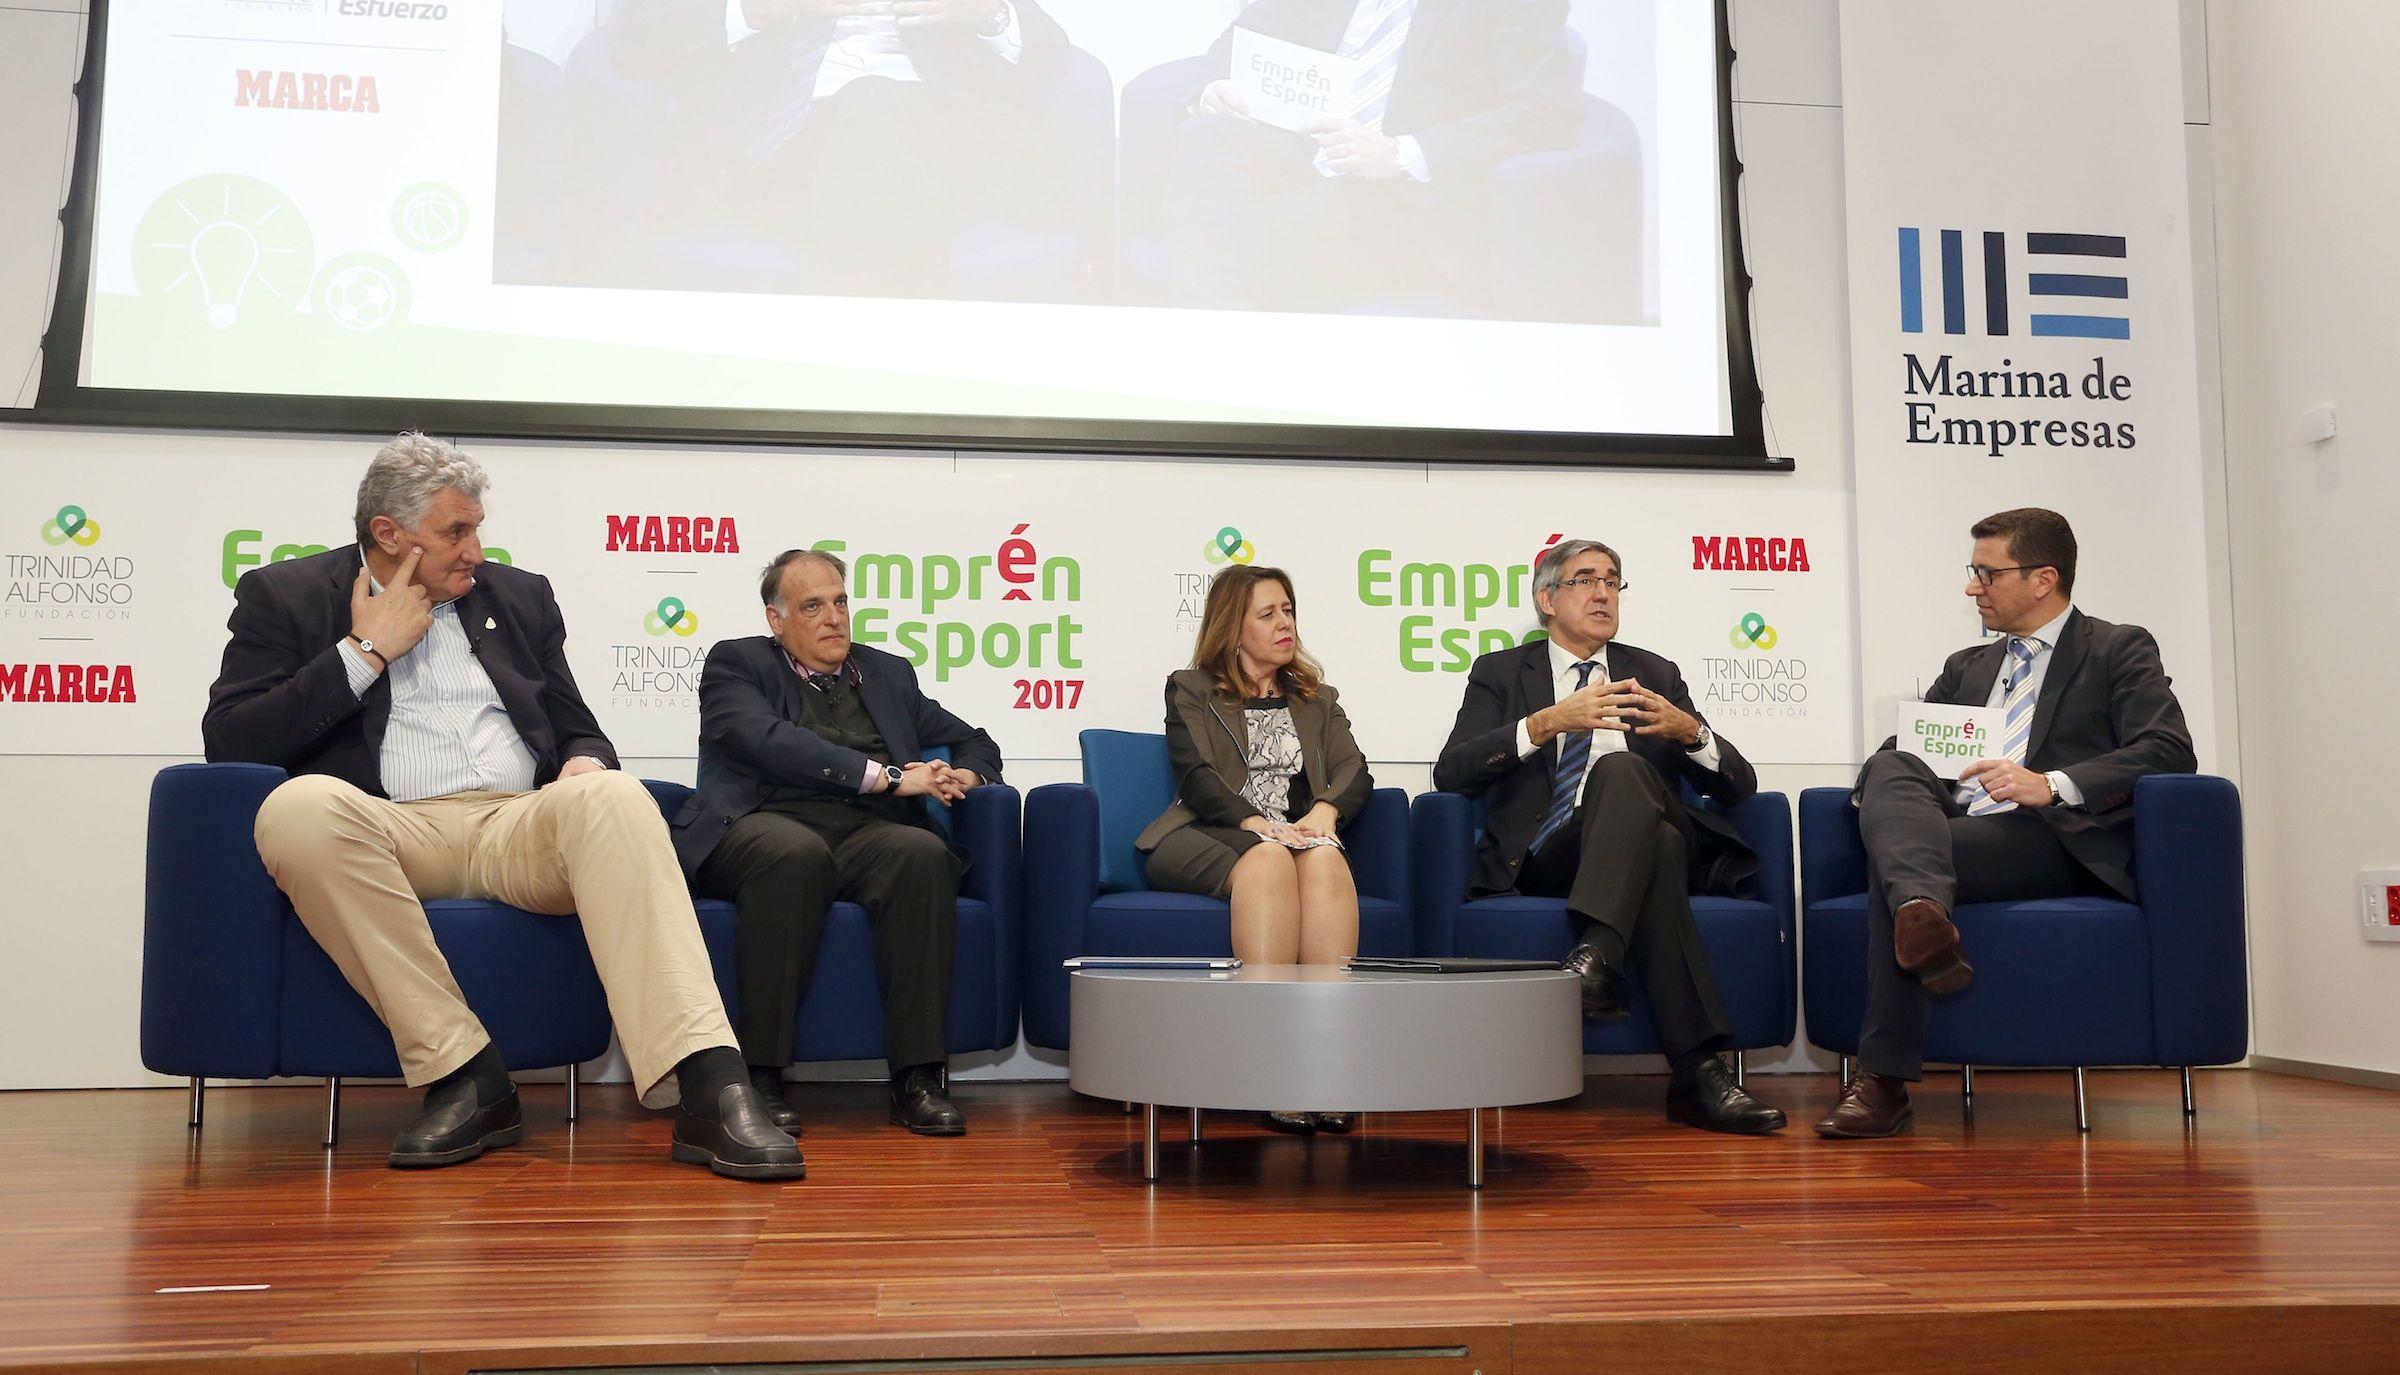 A la derecha, el profesor del CEU y delegado de Marca Fernando Álvarez modera la mesa redonda con Romay, Tebas, Ana Muñoz y Jordi Bertomeu. Foto: José Antonio Sanz/ MARCA.